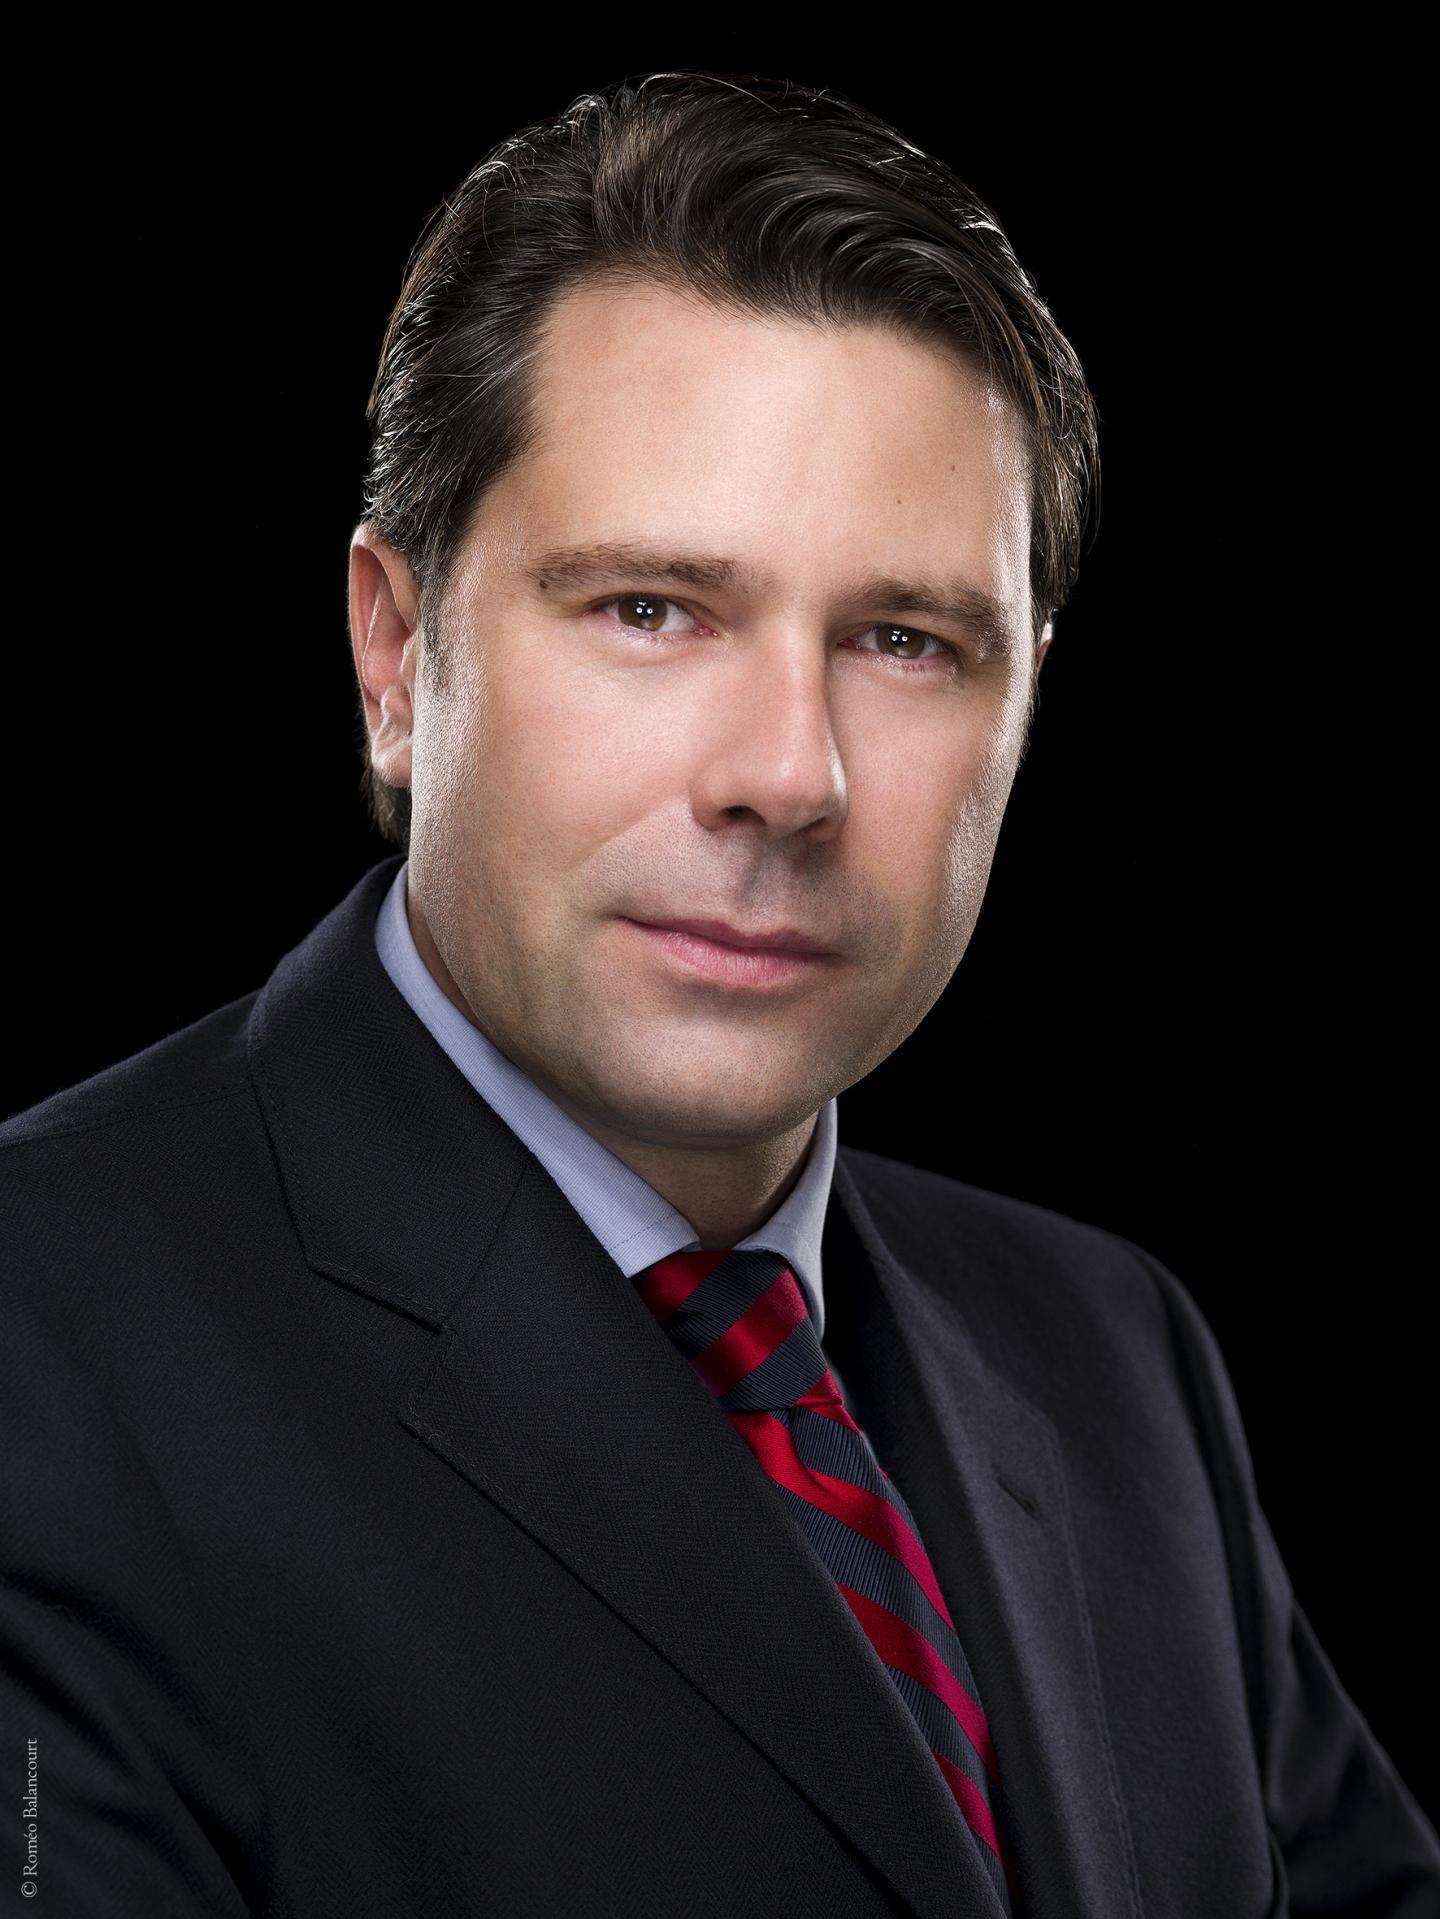 Marc Raspor, Président de la FPI Côte d'Azur et Corse.